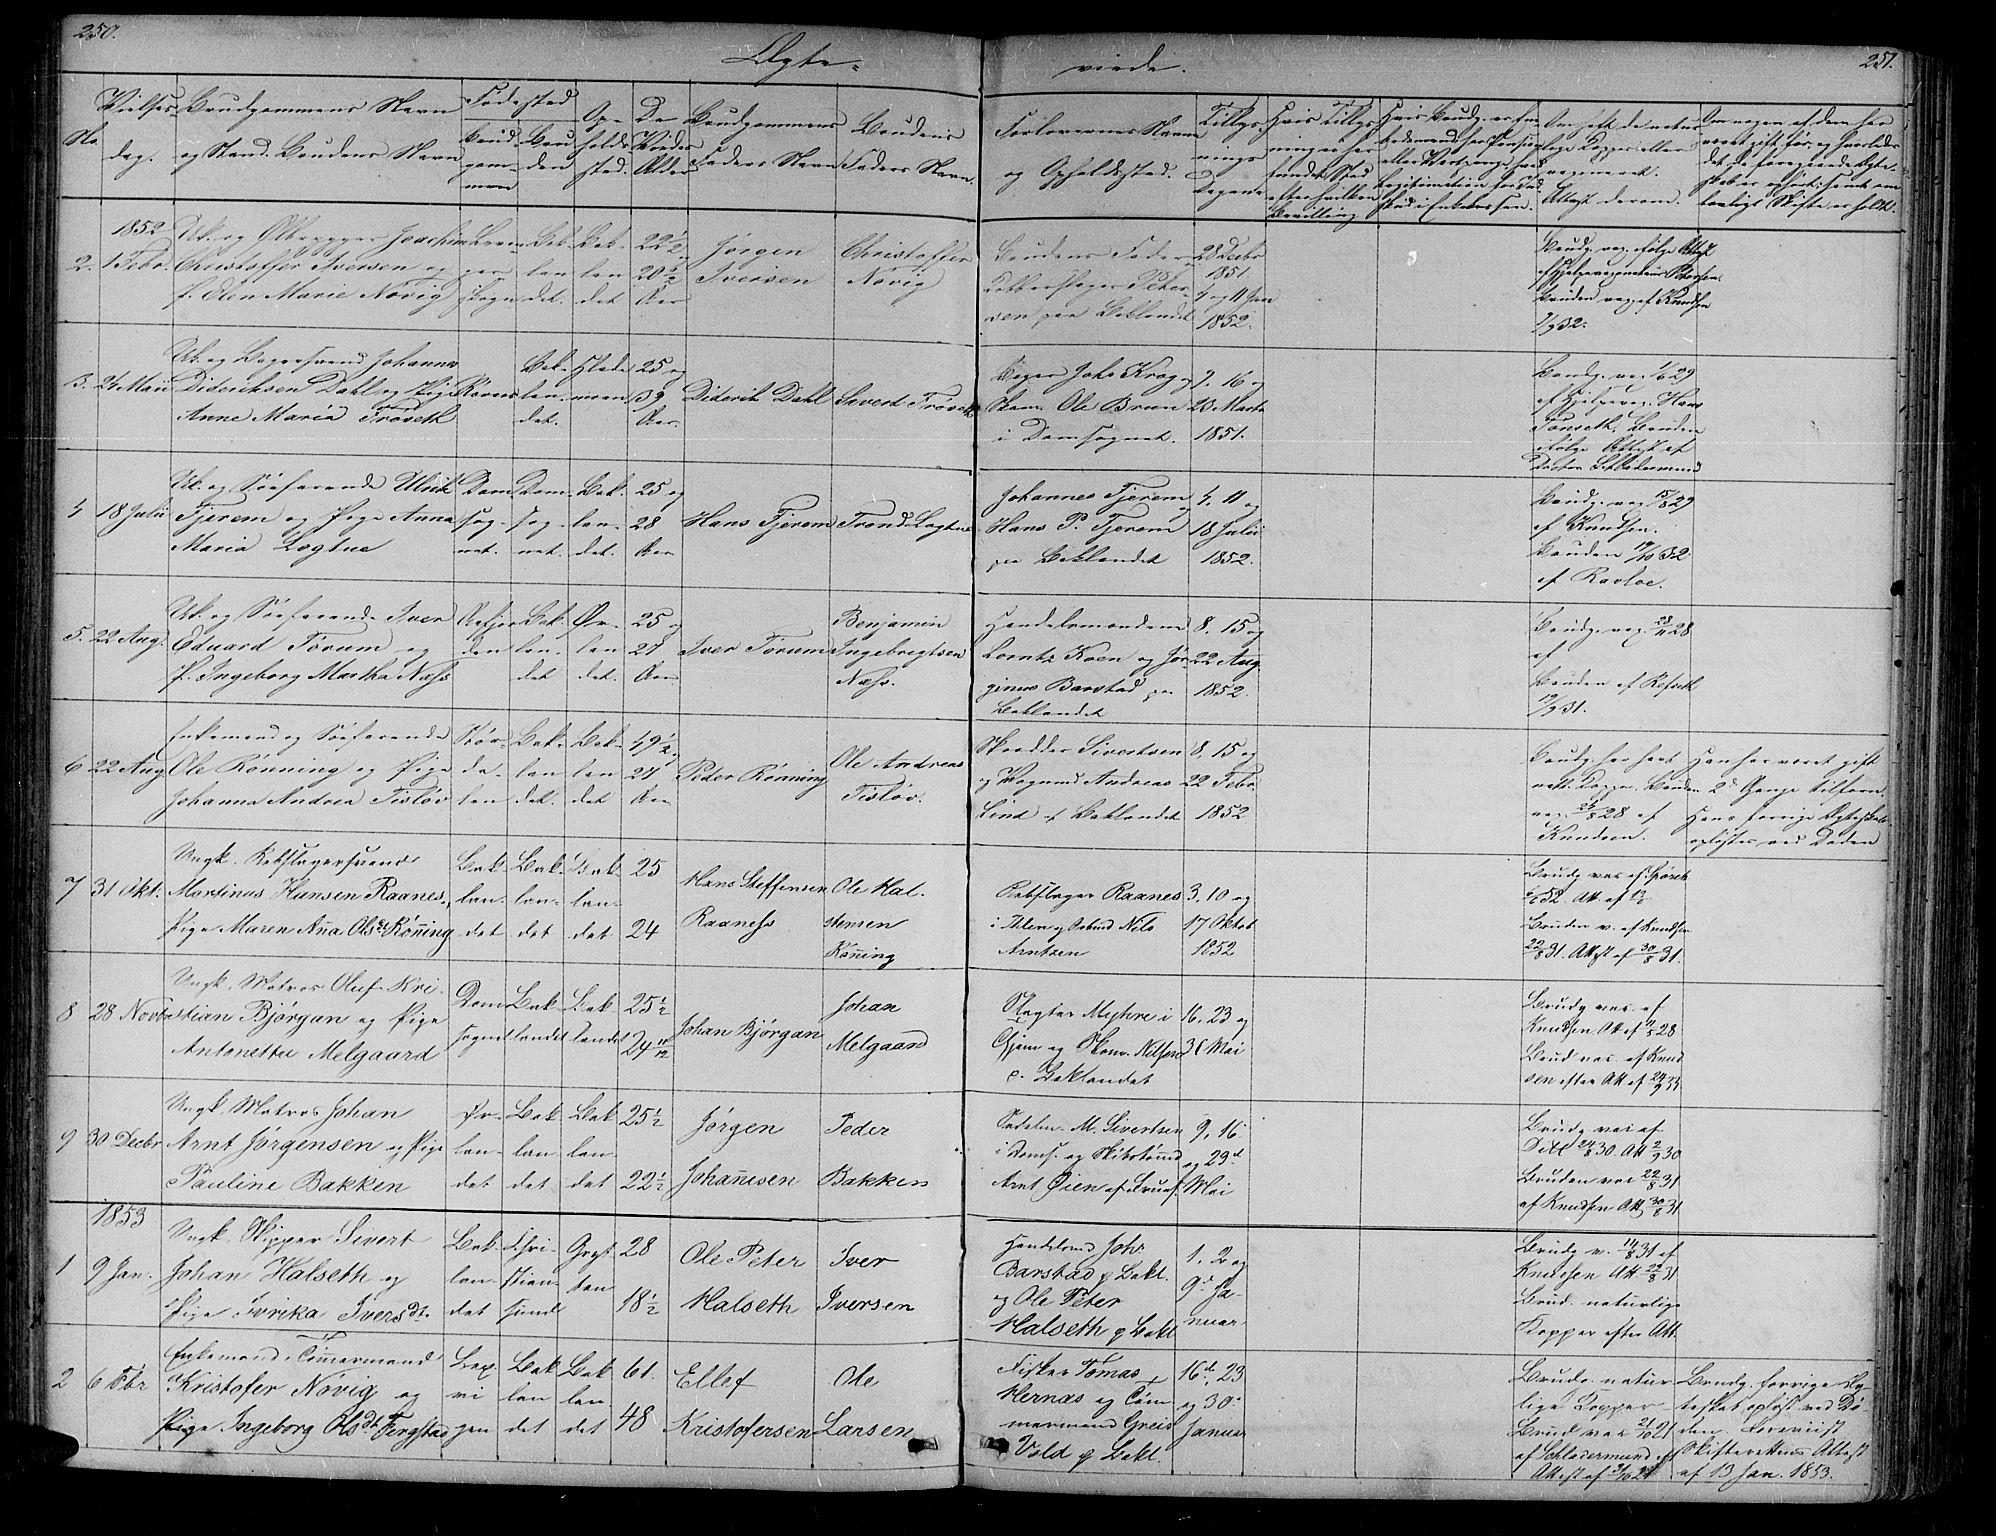 SAT, Ministerialprotokoller, klokkerbøker og fødselsregistre - Sør-Trøndelag, 604/L0219: Klokkerbok nr. 604C02, 1851-1869, s. 250-251